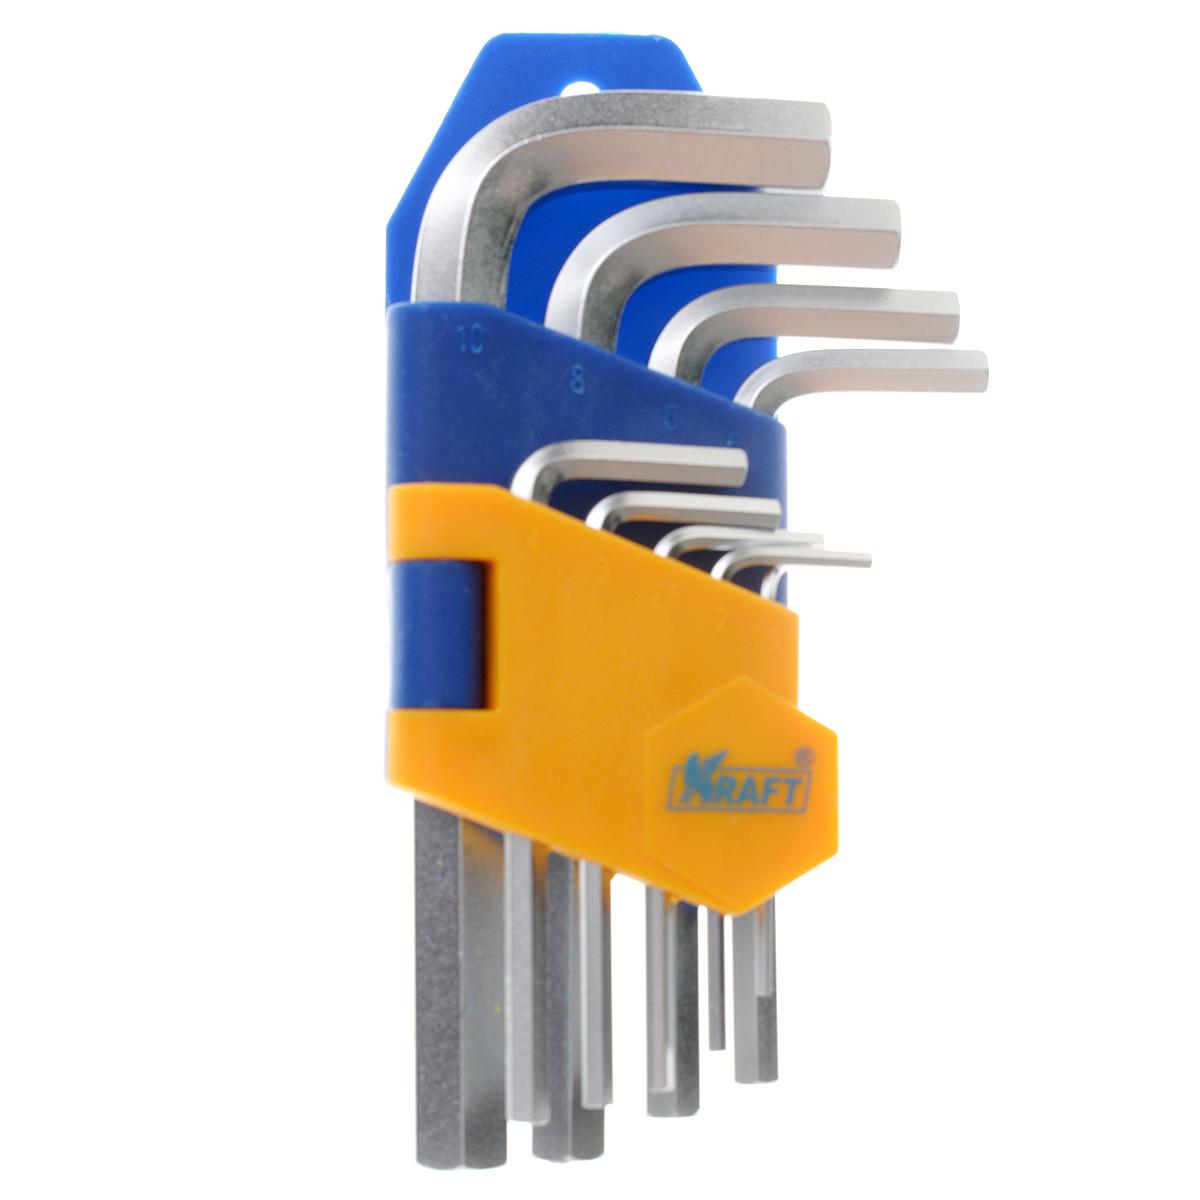 Набор ключей шестигранных Kraft Professional, коротких, 1,5 мм - 10 мм, 9 шт98298130Набор шестигранных удлиненных ключей Kraft Professional предназначен для работы с крепежными элементами, имеющими внутренний шестигранник. Все ключи выполнены из высококачественной хромованадиевой стали. Твердость по Роквеллу 52-55 HRc.В набор входят ключи: 1,5 мм, 2 мм, 2,5 мм, 3 мм, 4 мм, 5 мм, 6 мм, 8 мм, 10 мм.